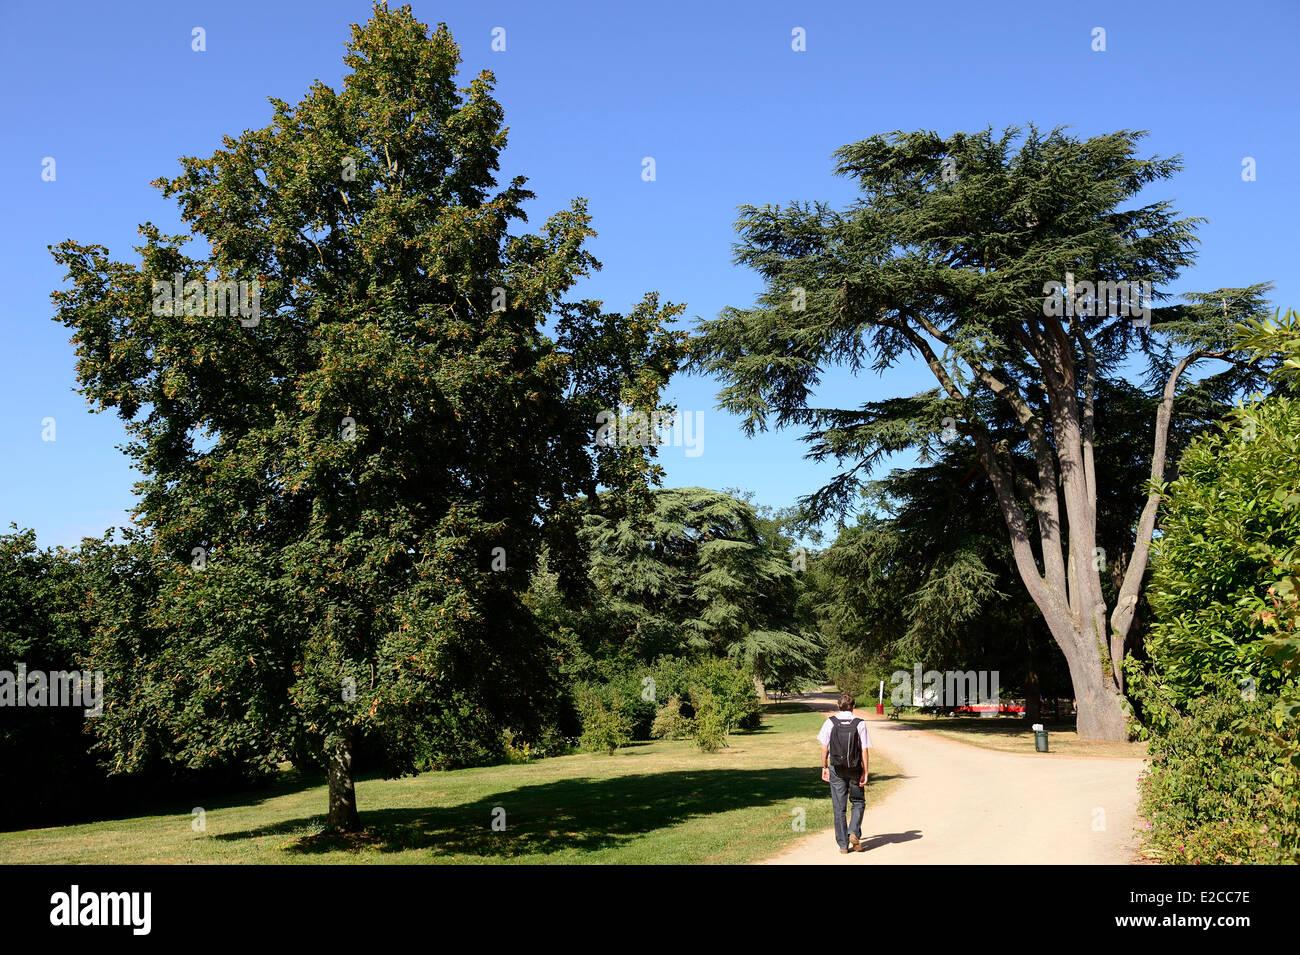 France, Sarthe, Sable sur Sarthe, the garden of the castle - Stock Image